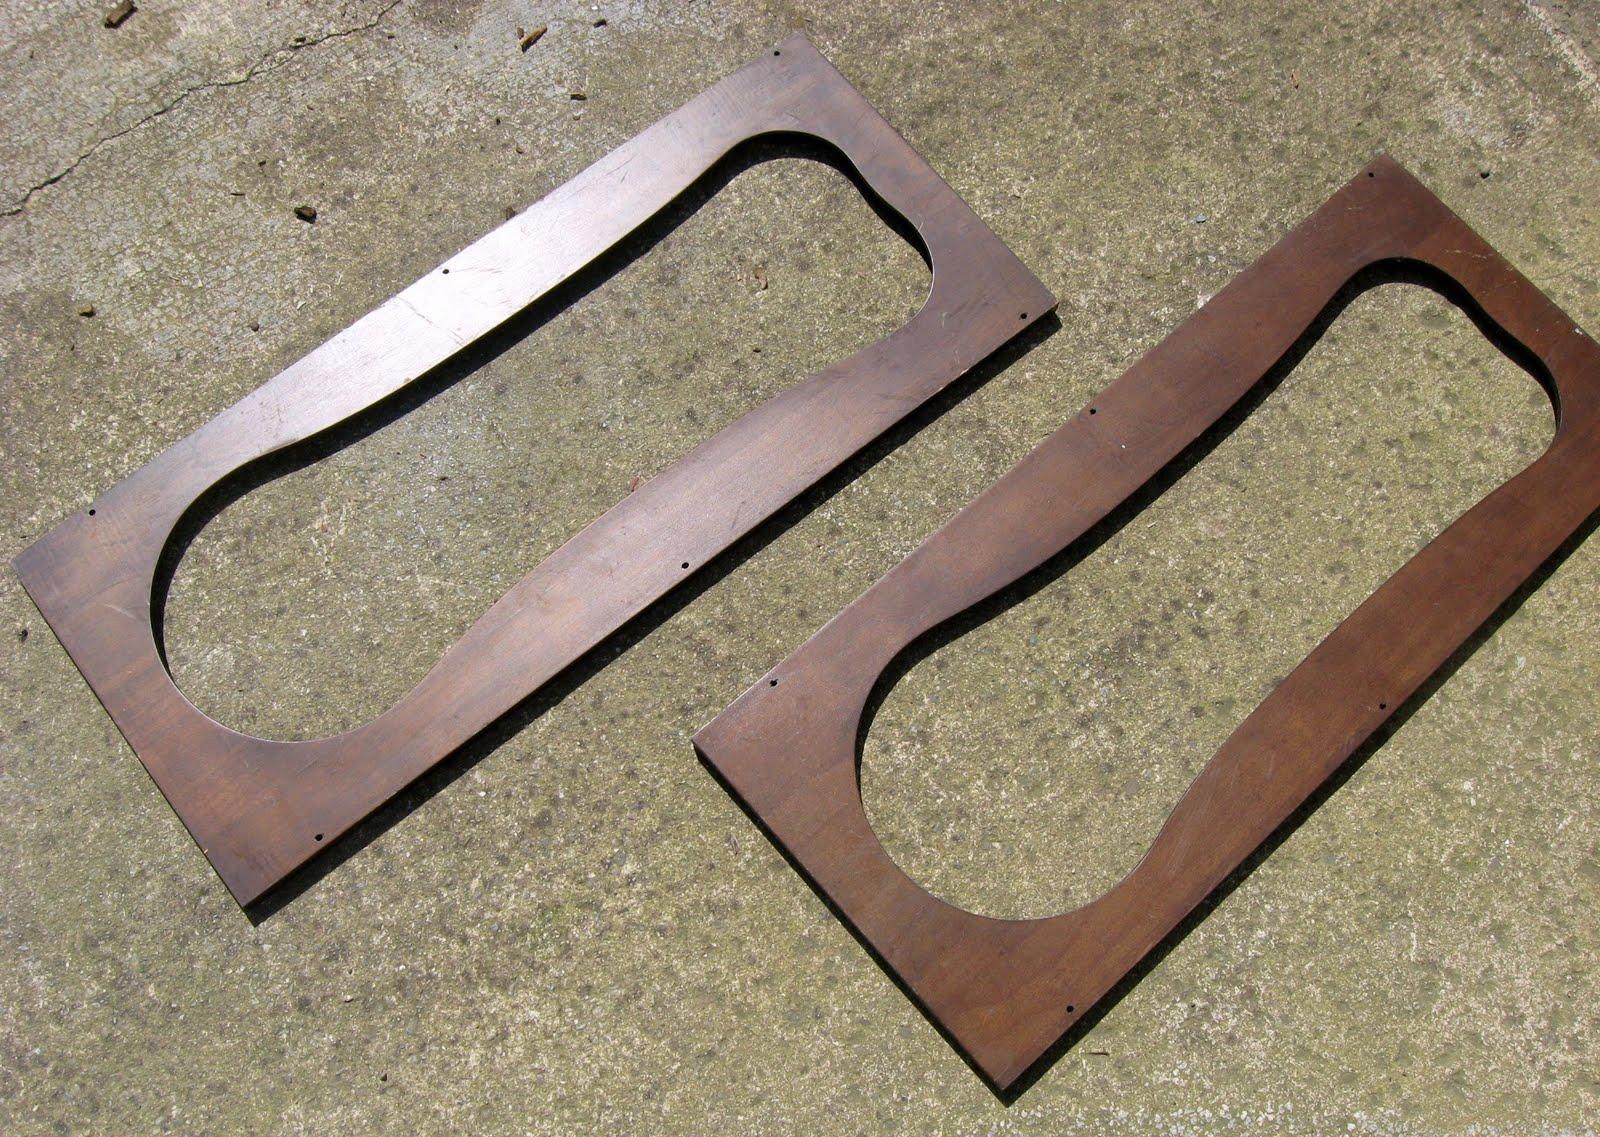 http://2.bp.blogspot.com/-KxhFwOAhwq8/TmgOYVNjd6I/AAAAAAAAB6c/iVD-qLewA_Q/s1600/wooden+frames.JPG